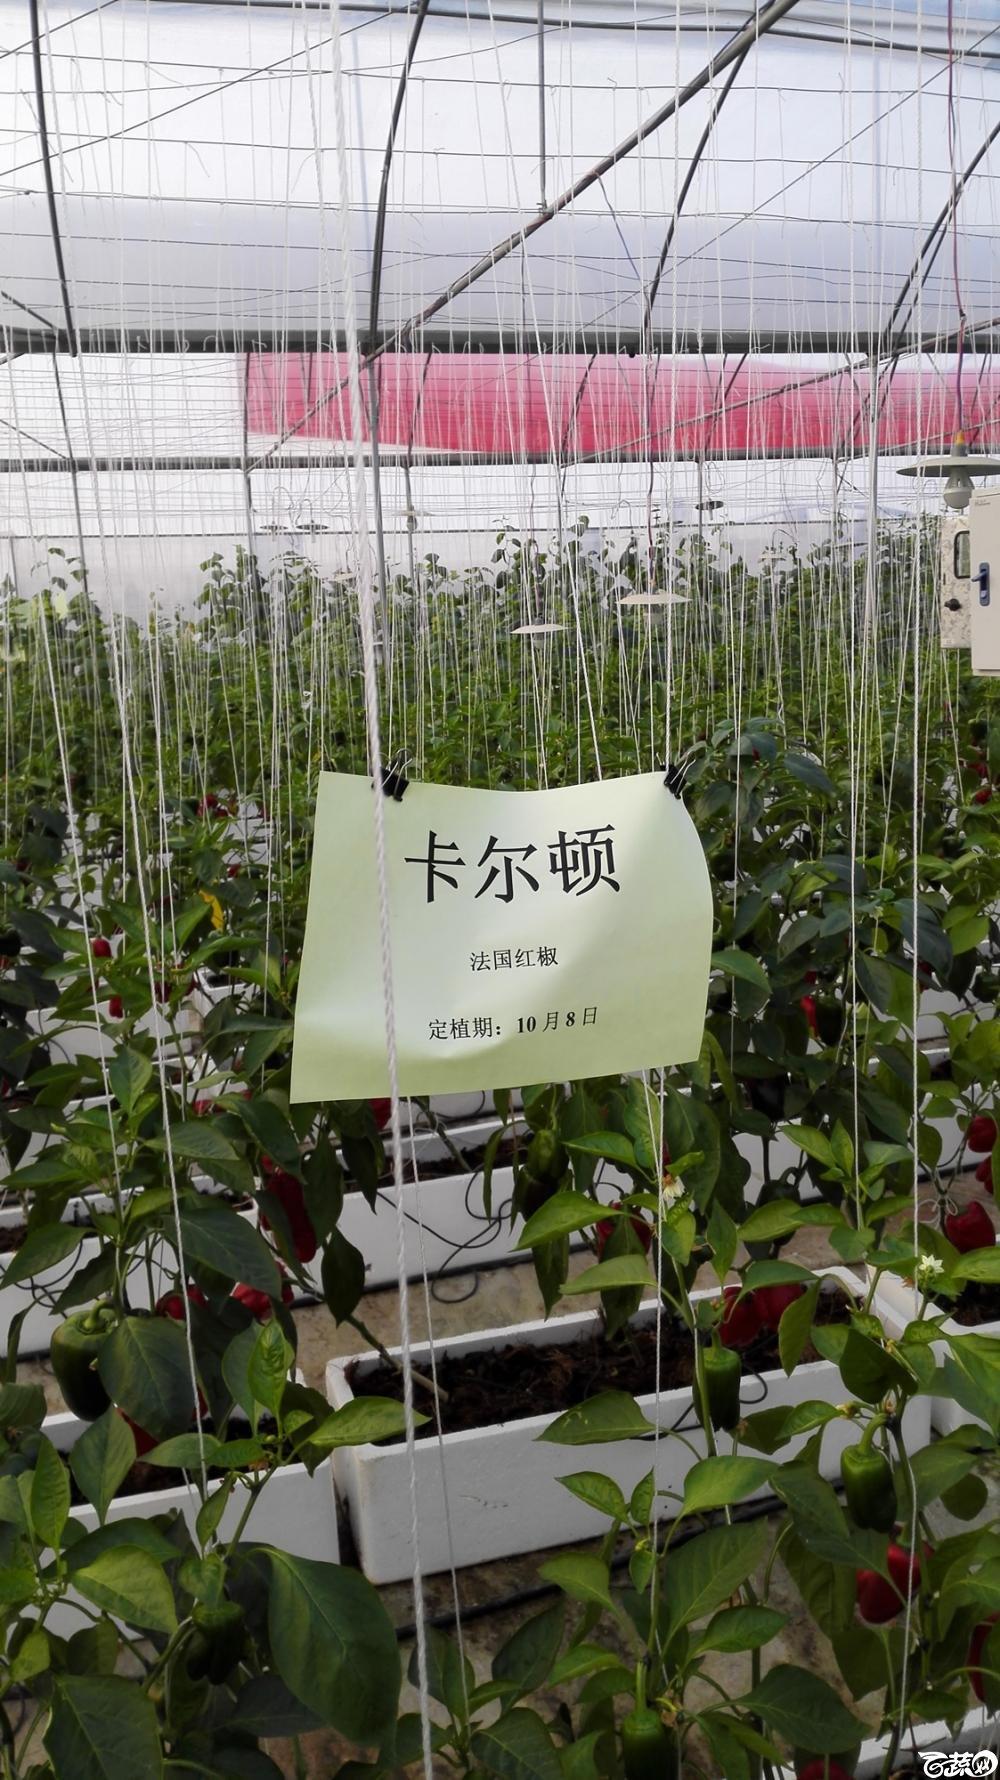 2014年12月8号中山蔬菜新品种展示会_辣椒_275.jpg